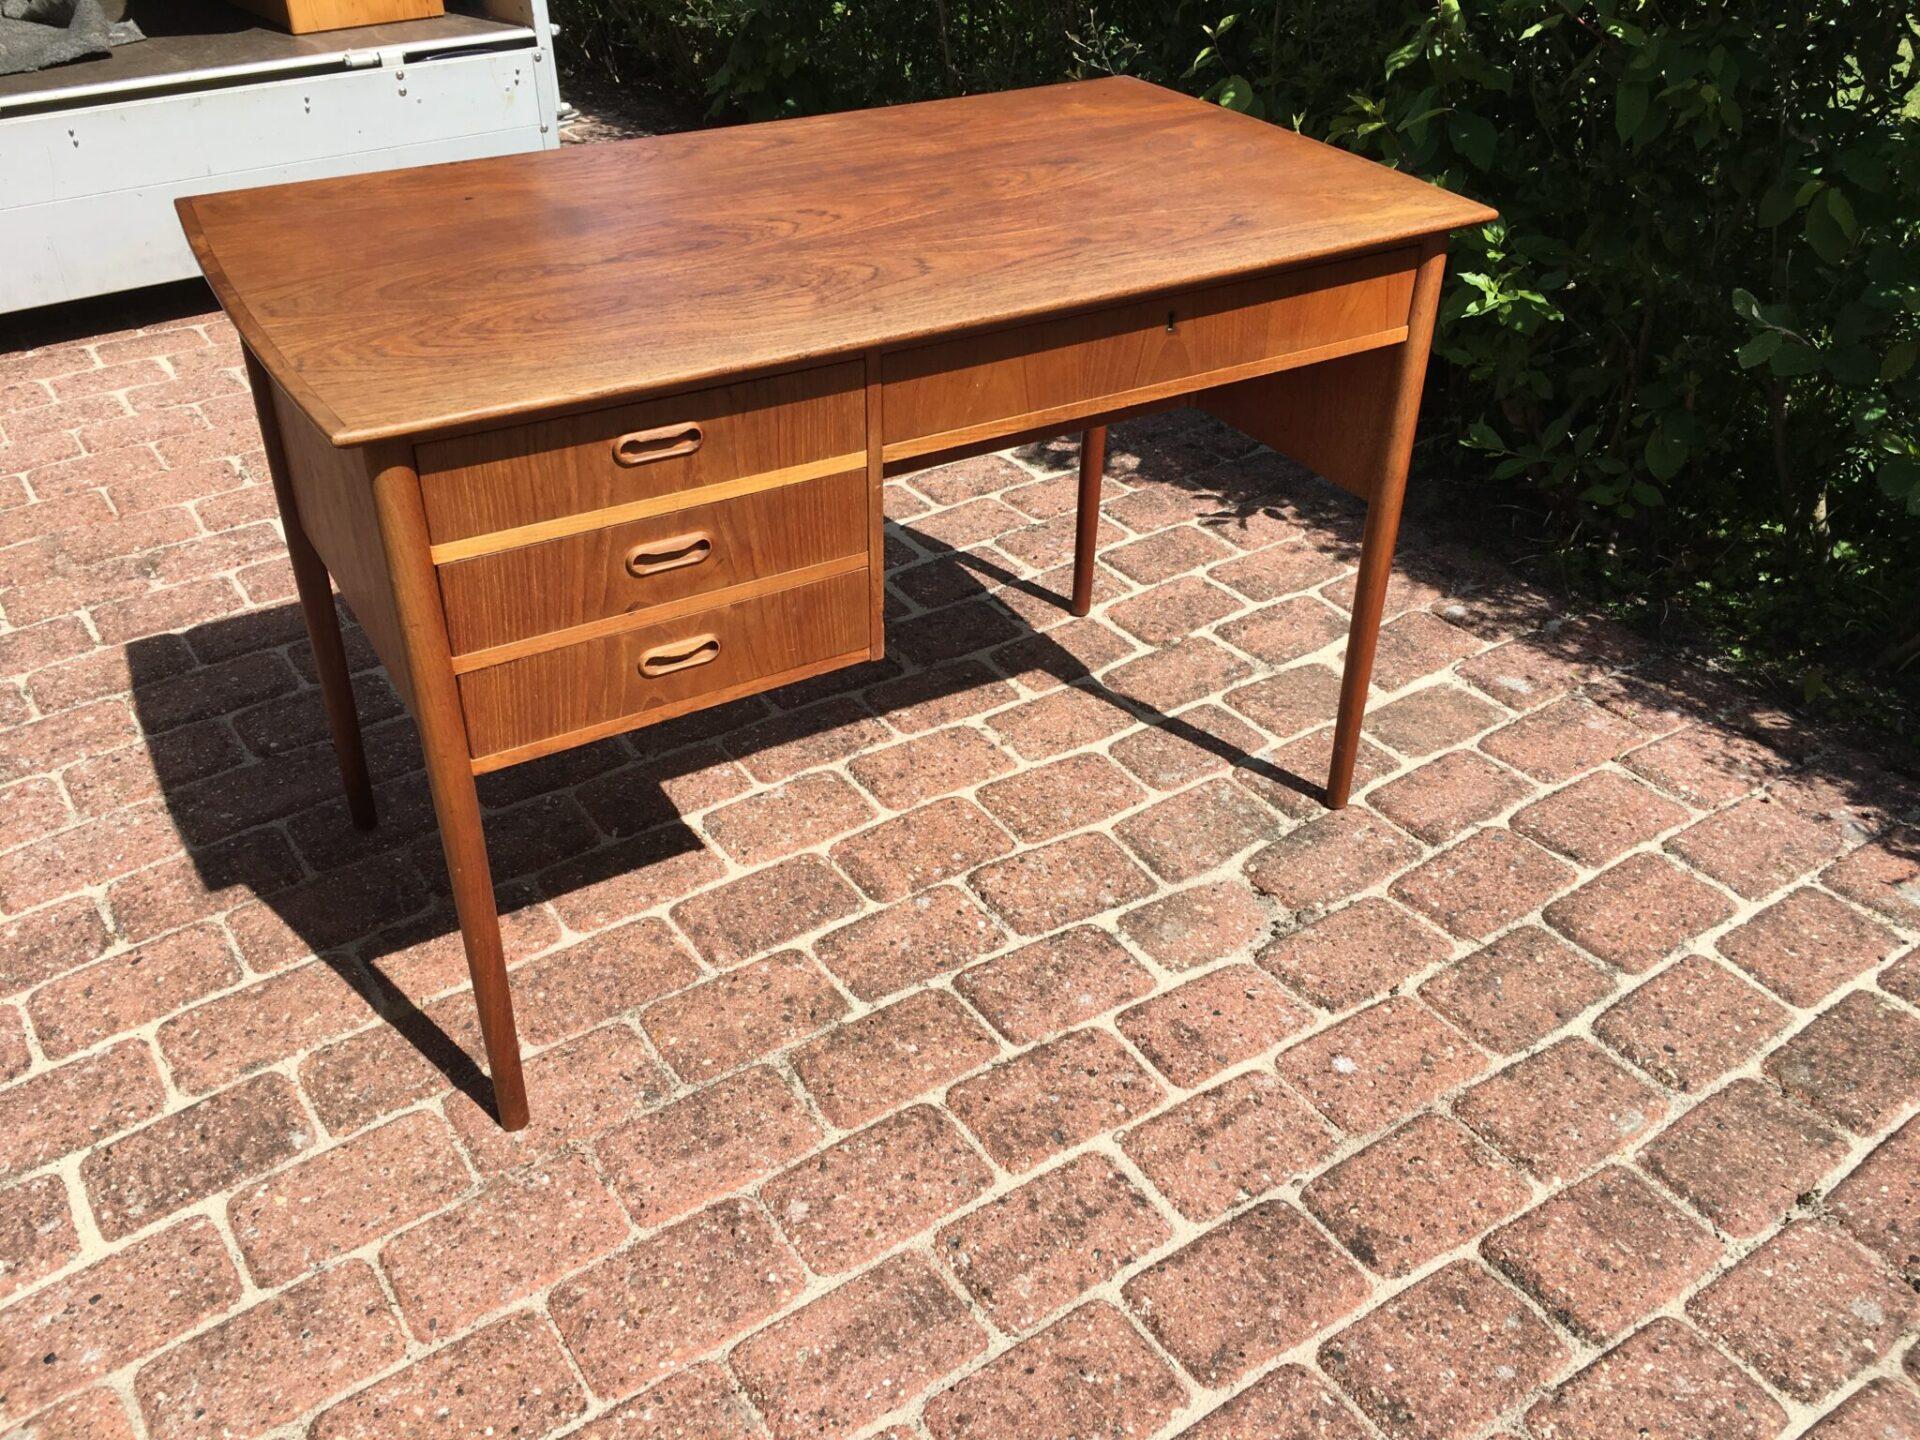 Fritstående teaktræ skrivebord, 64x113 cm, pris 700 kr